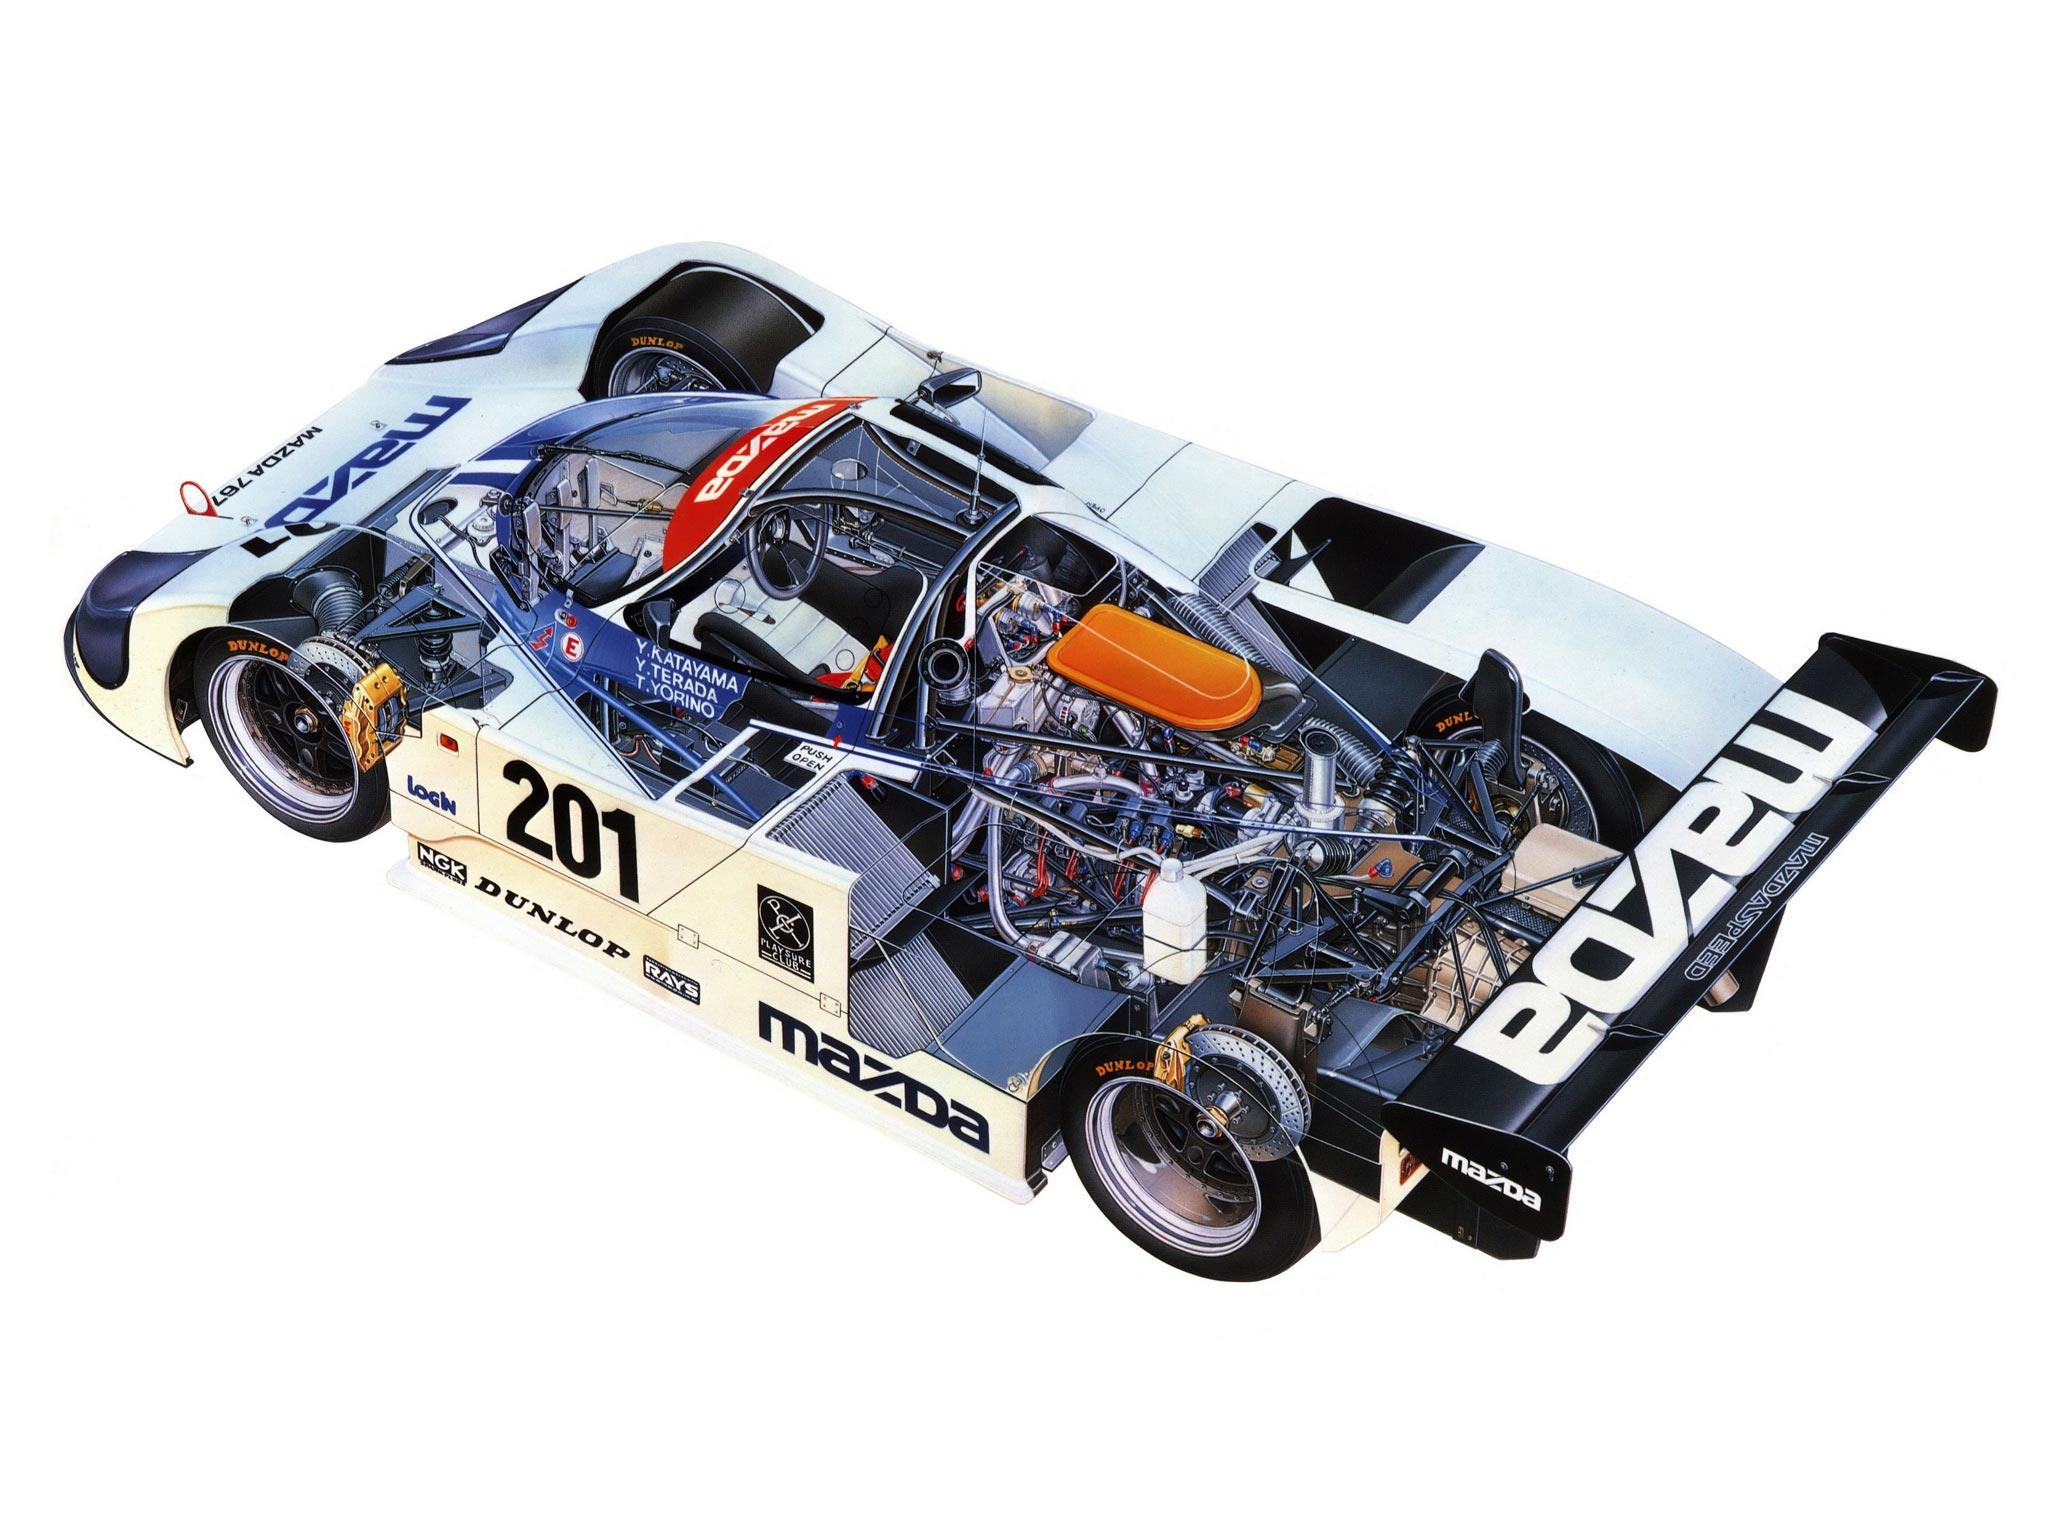 Mazda 767 cutaway